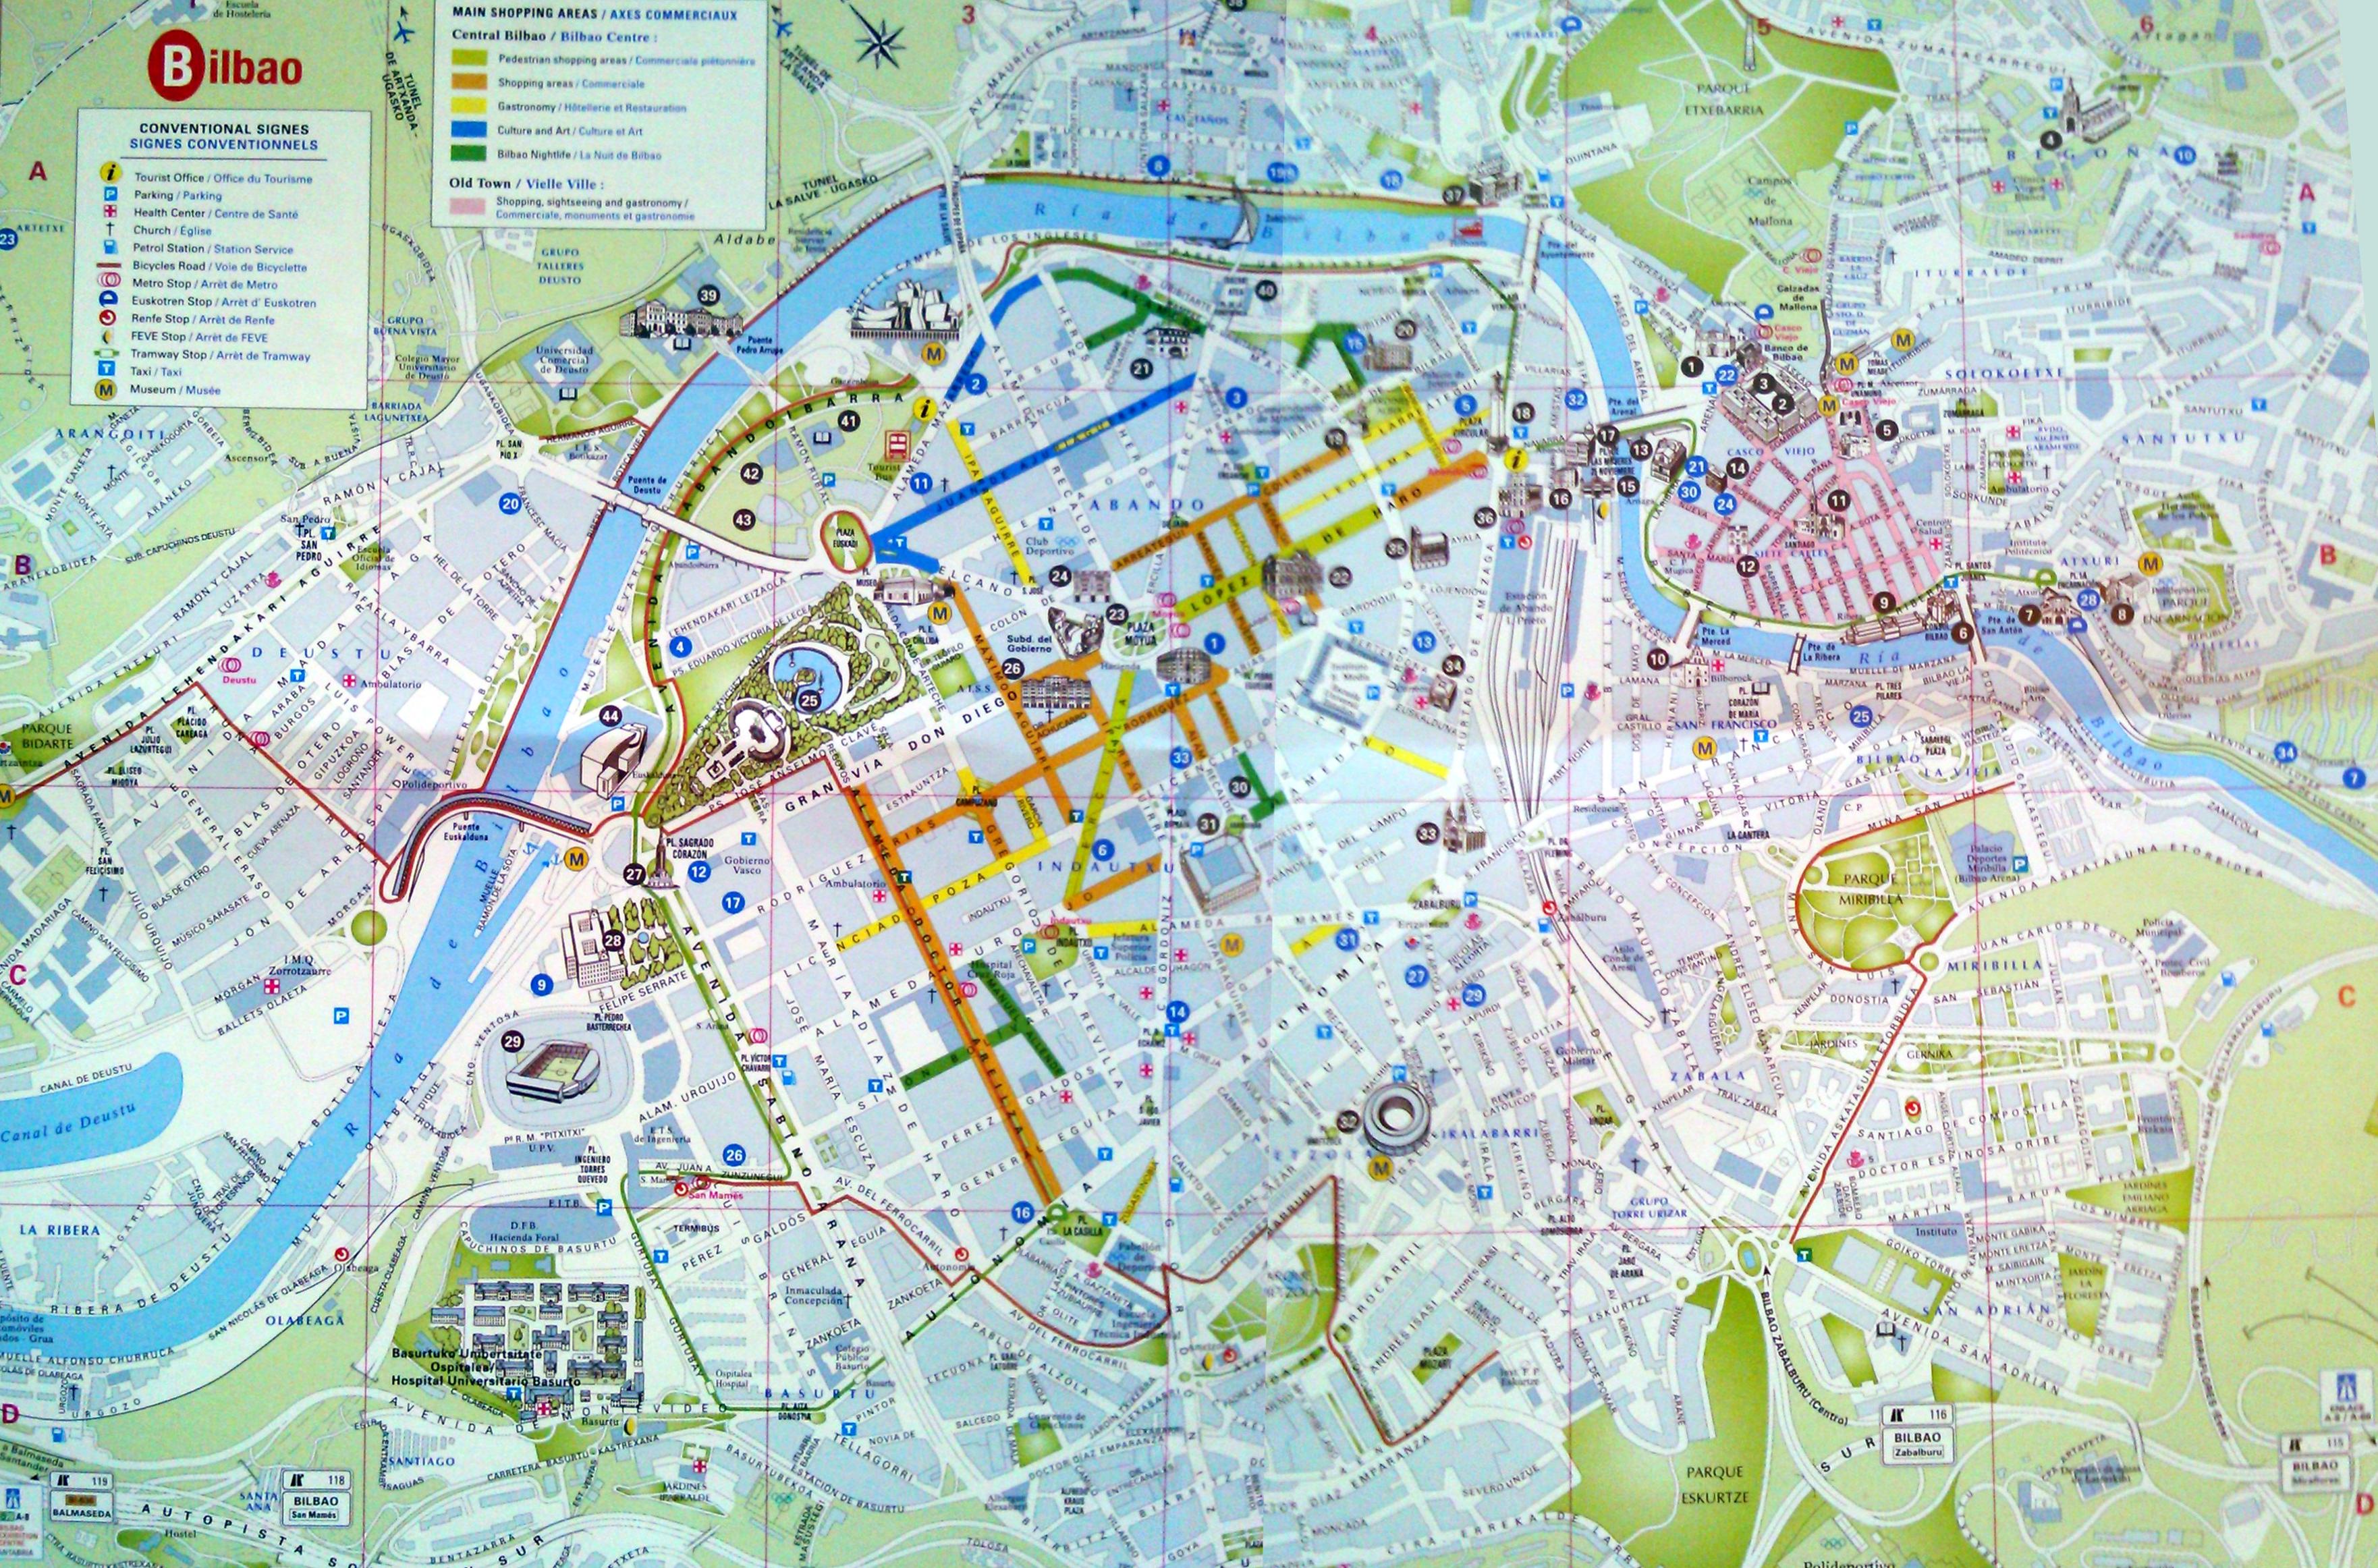 Mapa Bilbao Y Alrededores.Bilbao Guia Para Visitar Bilbao En Un Fin De Semana La